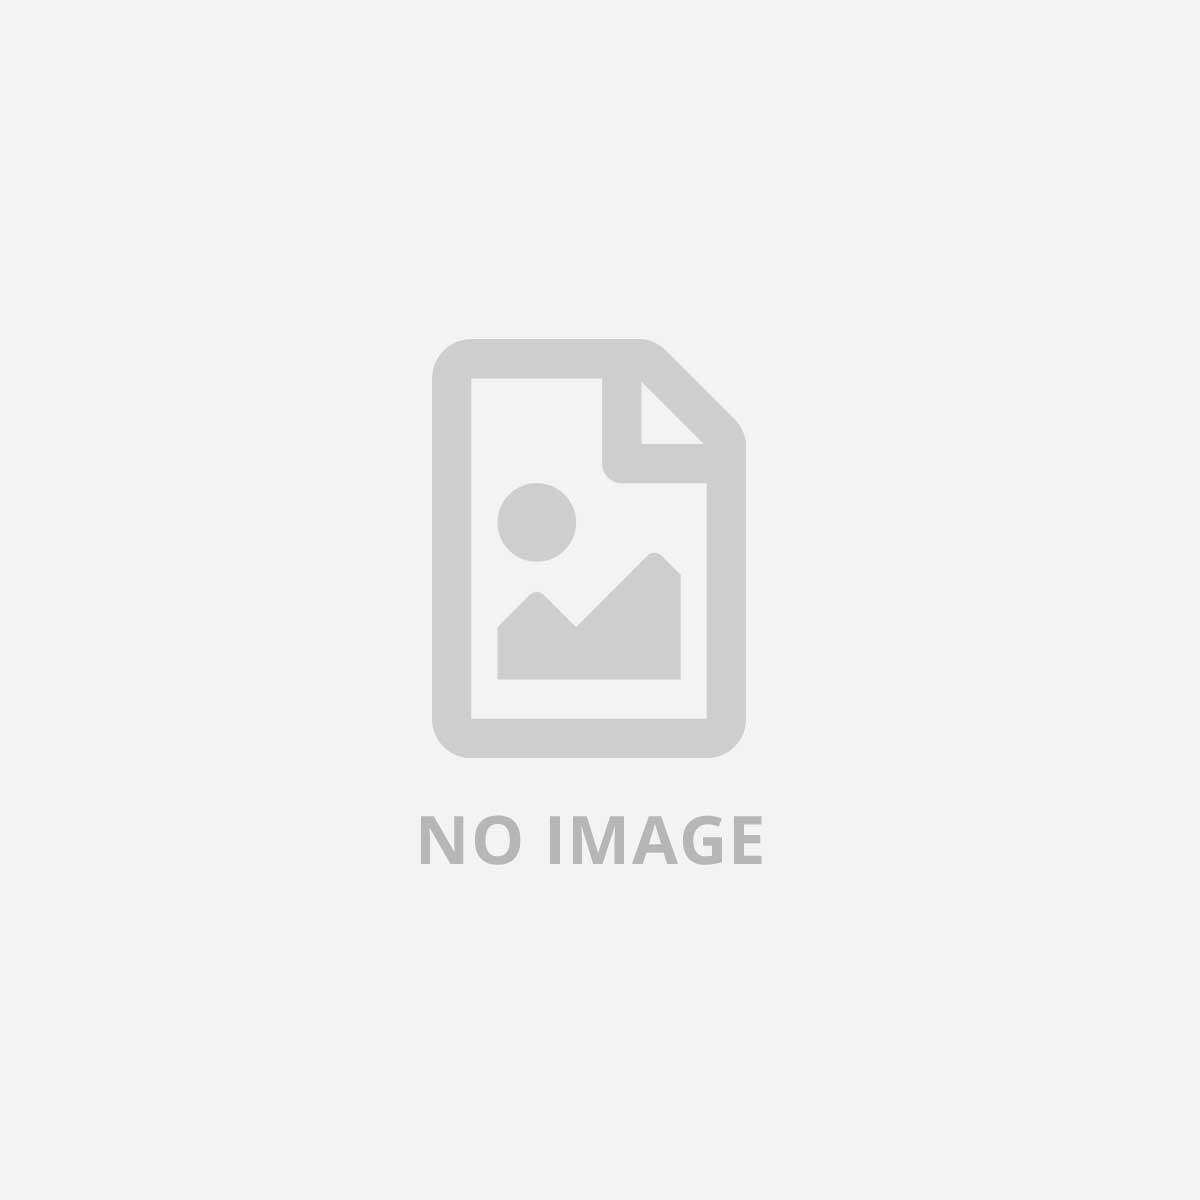 NILOX STAFFA A SOFFITTO VIDEOP. 43/65 CM